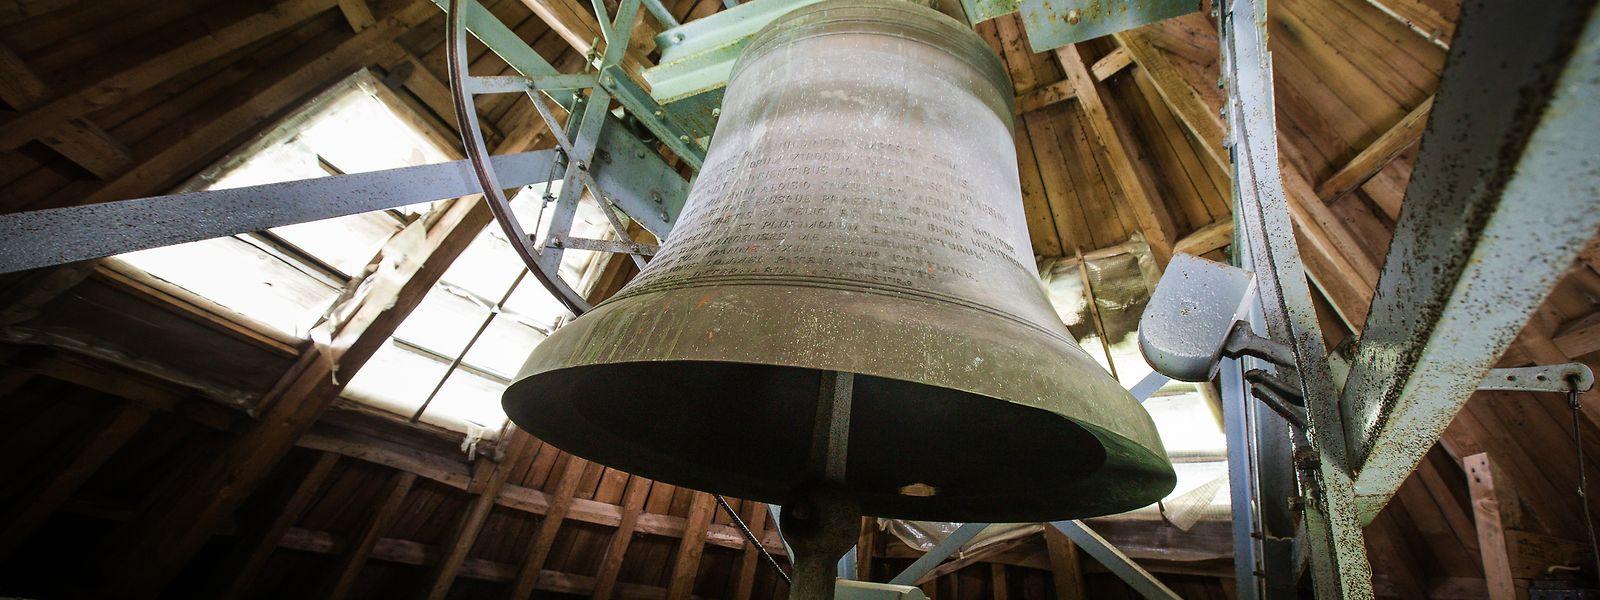 Les propriétaires et gestionnaires des églises abritant les cloches peuvent faire la demande de classification sur le site dédié au patrimoine culturel immatériel luxembourgeois.